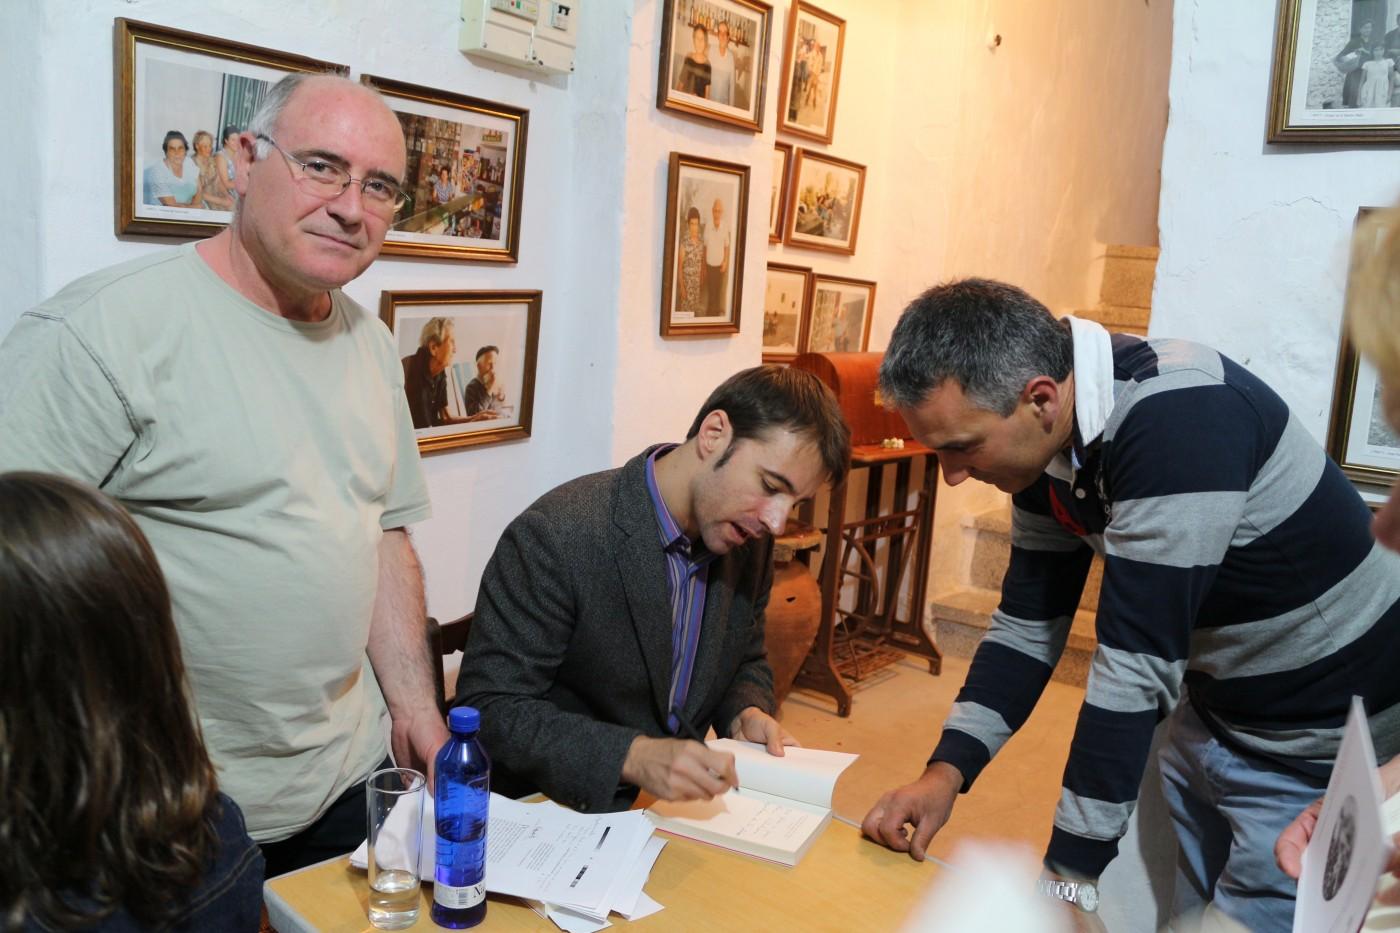 Galería de Fotos de la jornada cultural en Yegen